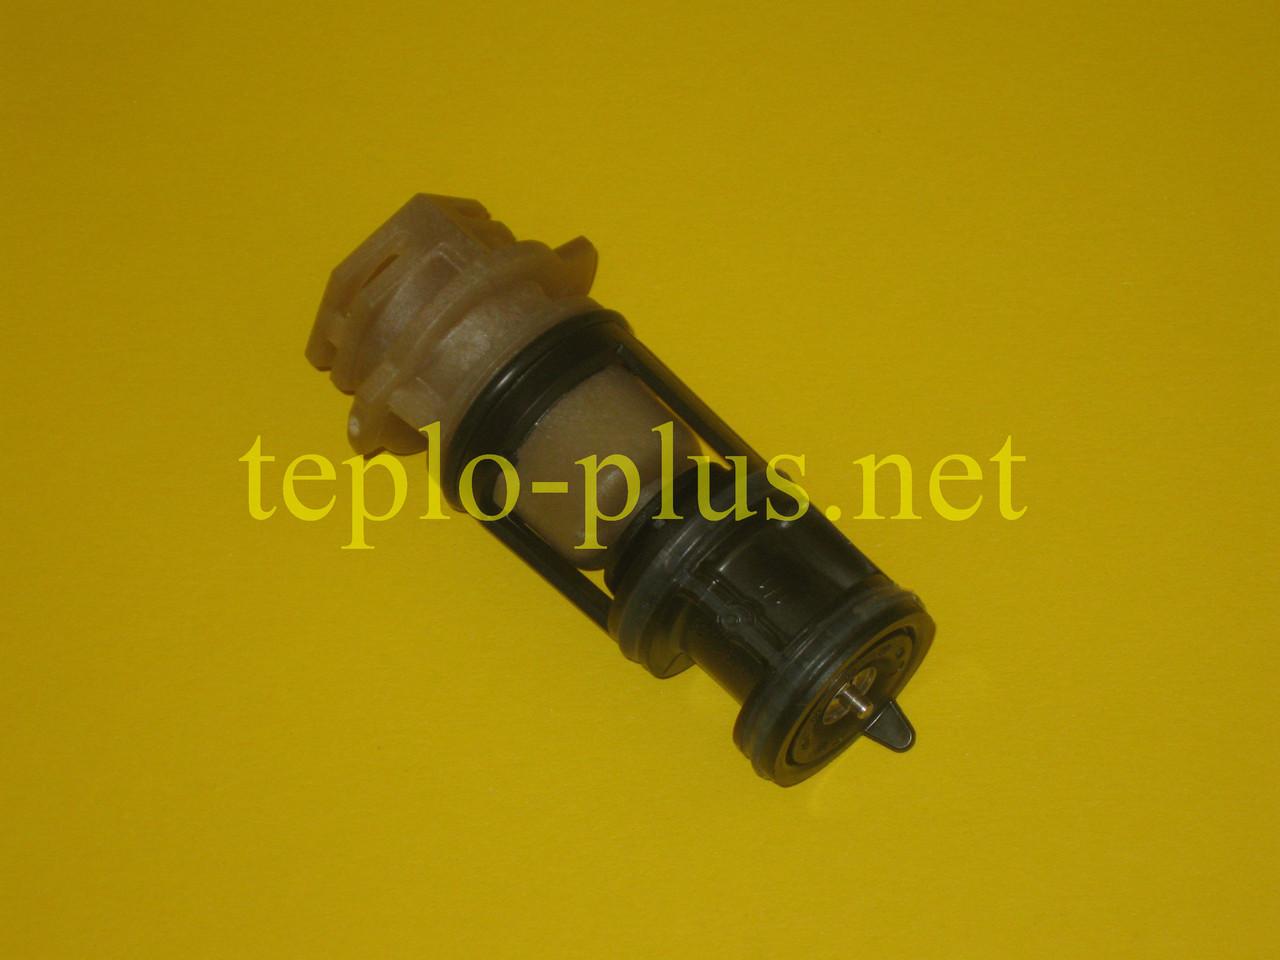 Картридж трехходового клапана 3.020380 Immergas Nike/Eolo Mini 24 3E, Eolo Mini 28 3E, Victrix 26 2I